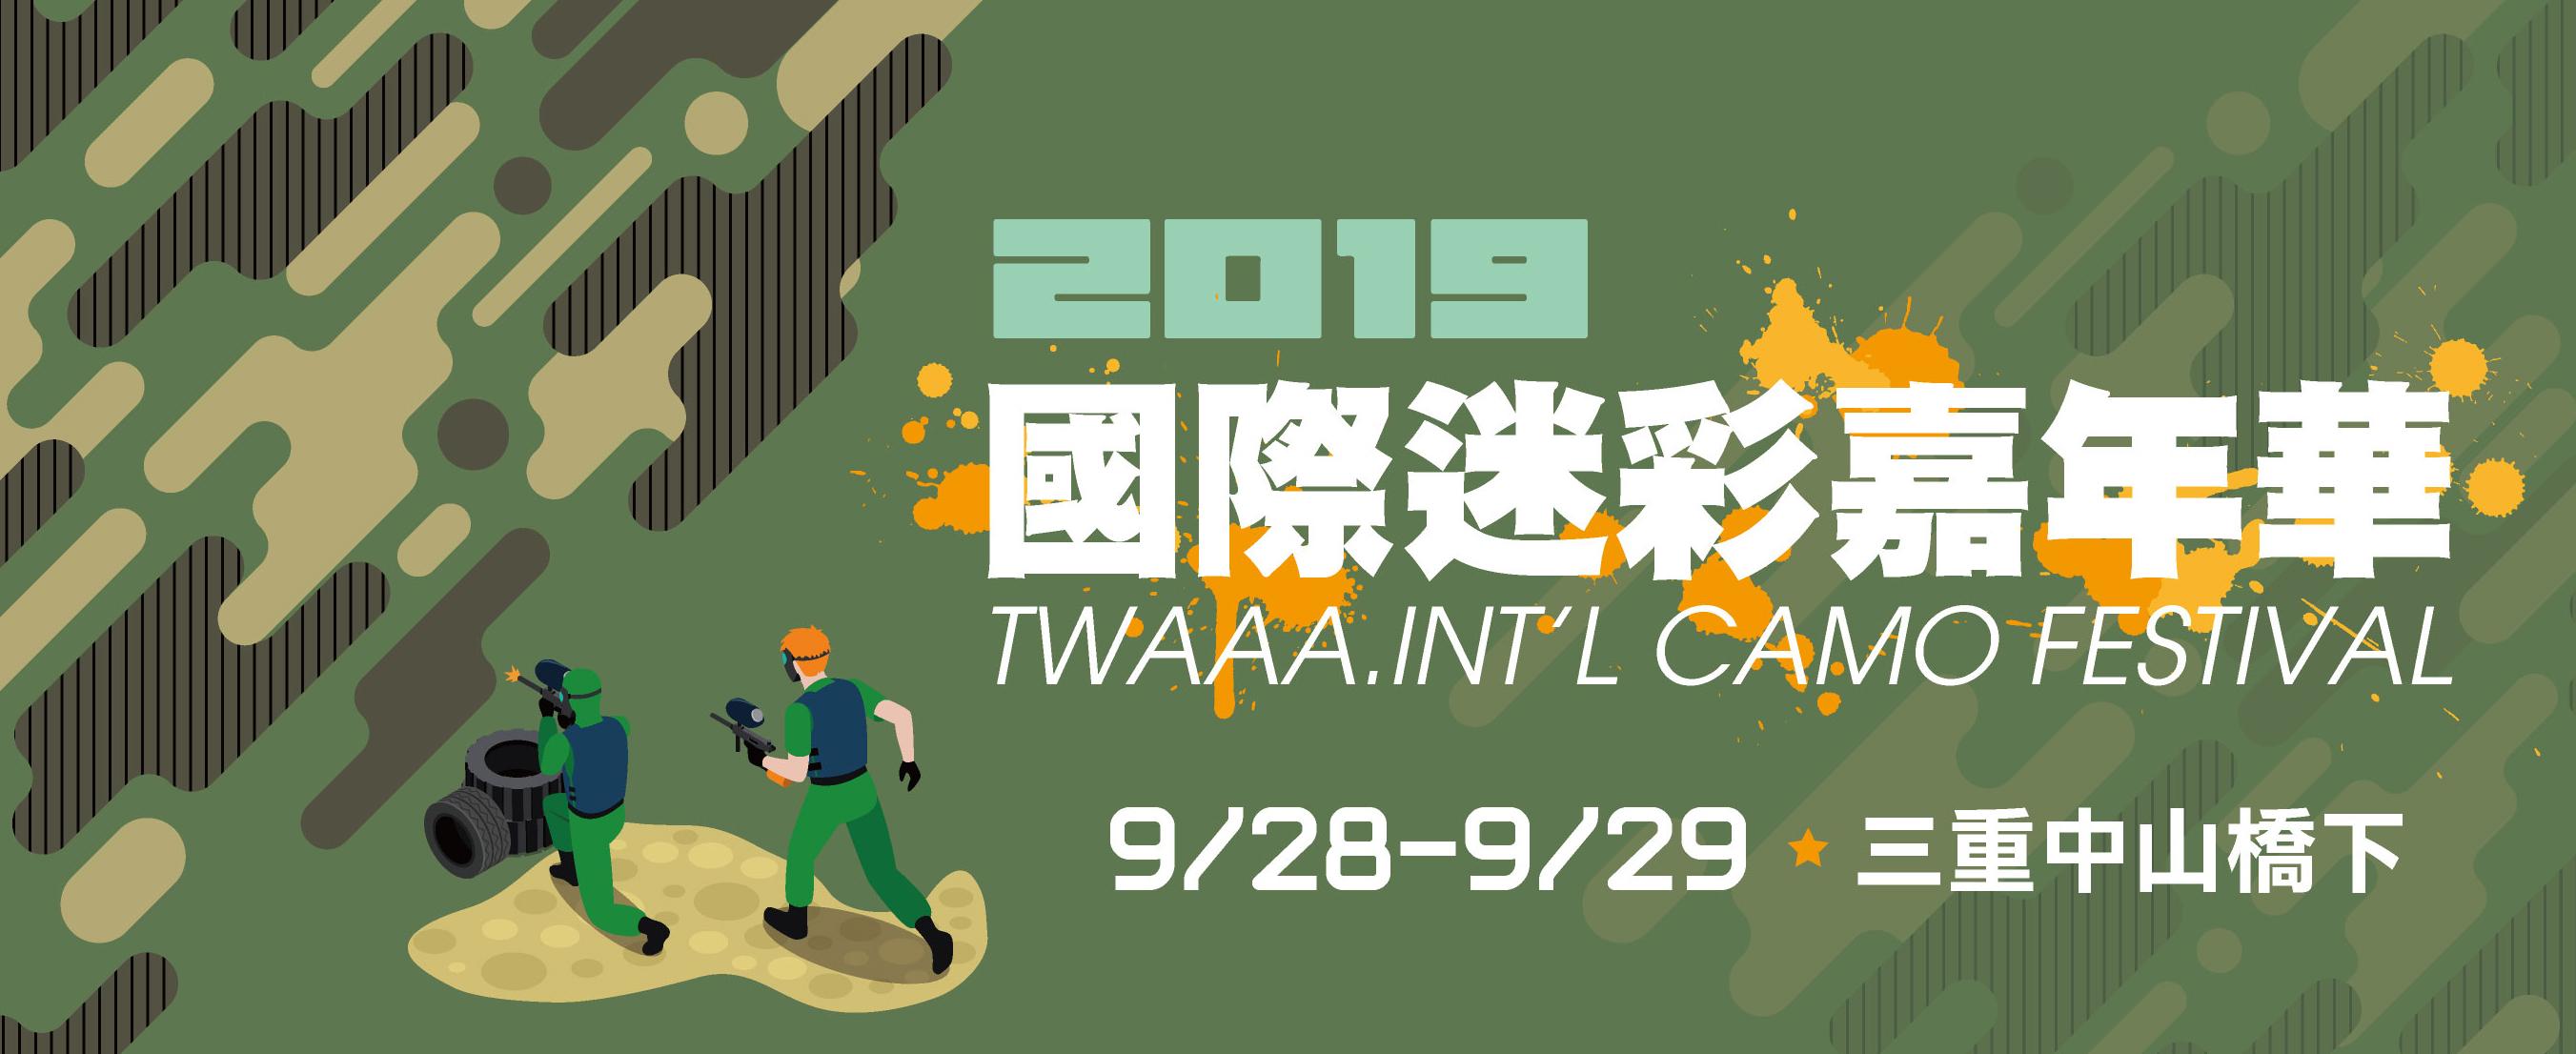 2019國際迷彩嘉年華開始招商了!